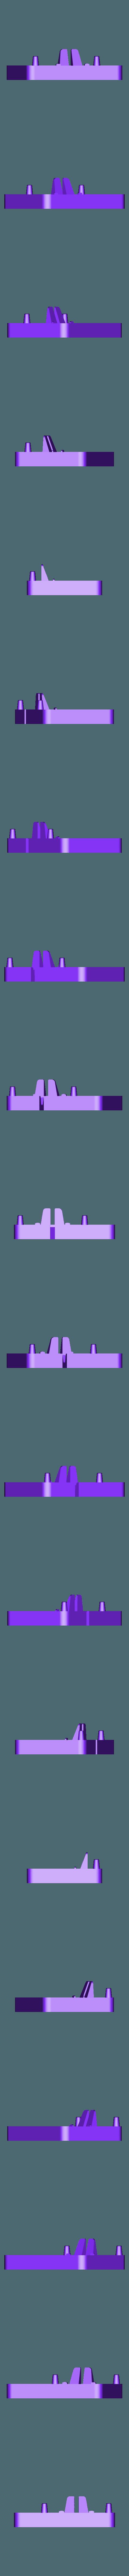 Jewelry Box-02.STL Télécharger fichier STL gratuit Organisateur de maquillage Smart Dock • Design à imprimer en 3D, Trikonics